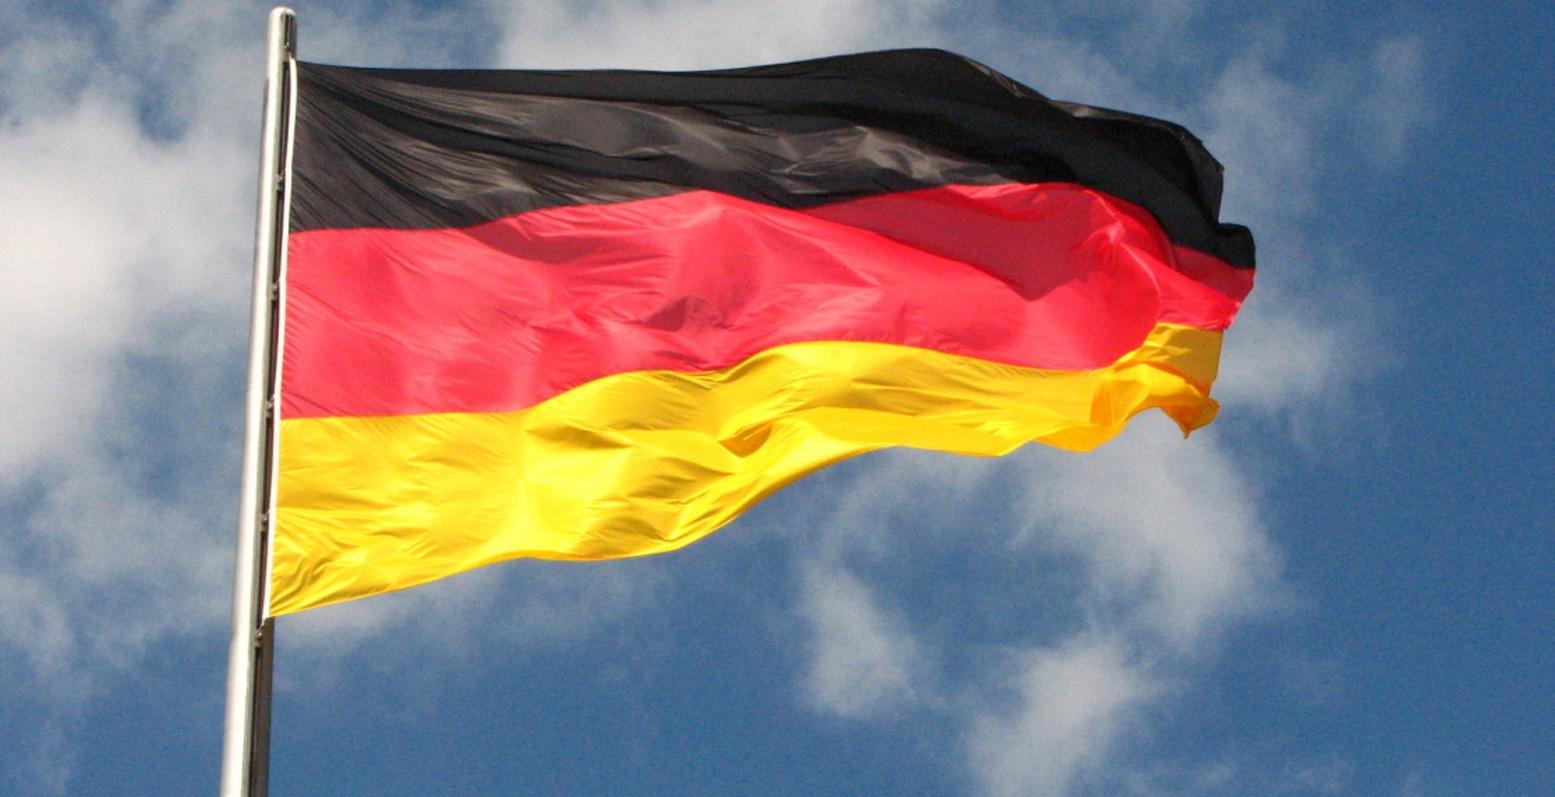 الإنتاج الصناعي الألماني ينتعش في مؤشر على التعافي بعد إجراءات العزل